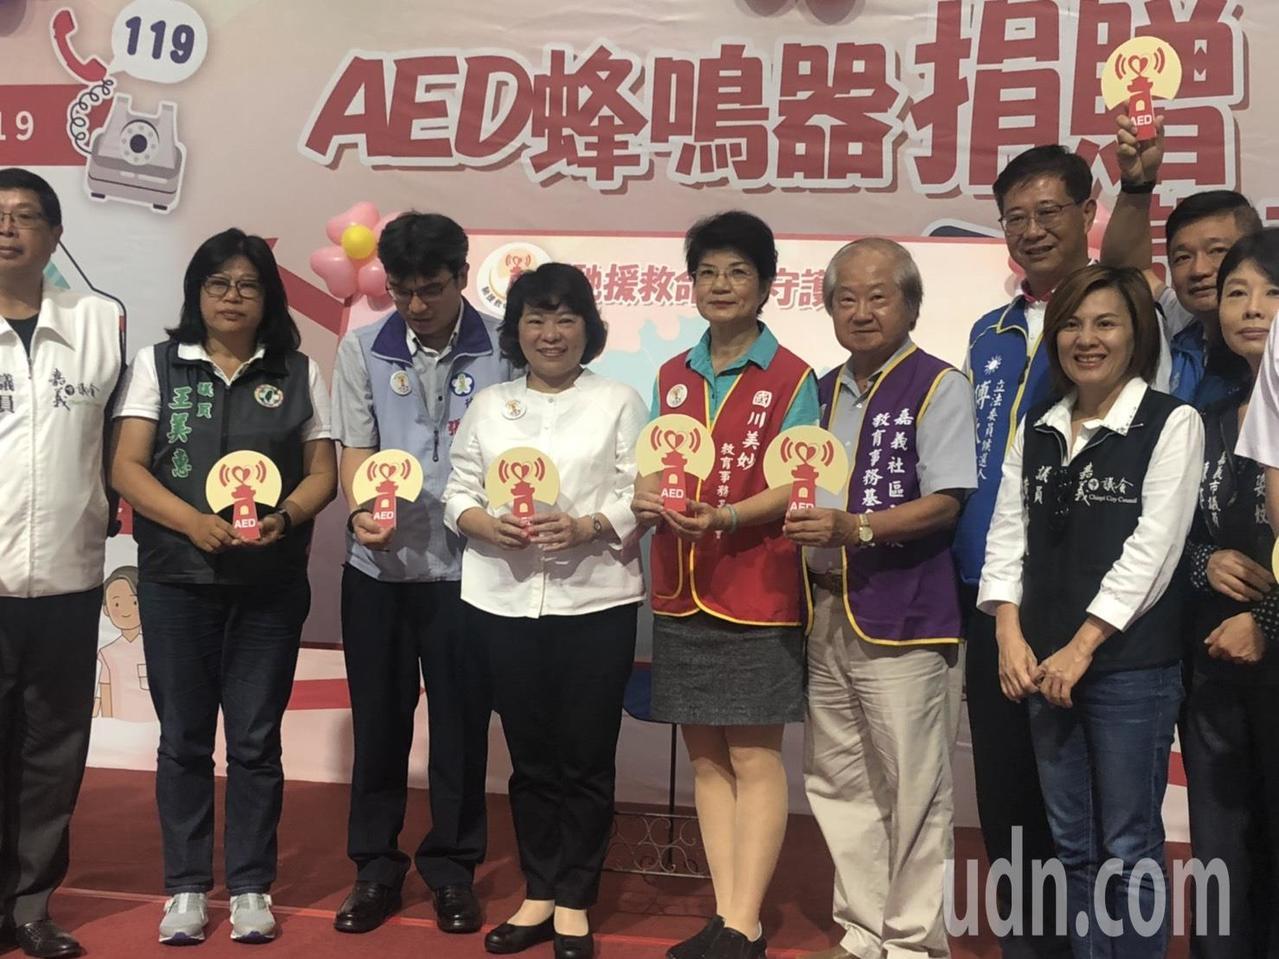 嘉義市長黃敏惠(左四)今天公布這款「會說話的AED」,在AED機台上方加裝蜂鳴器...